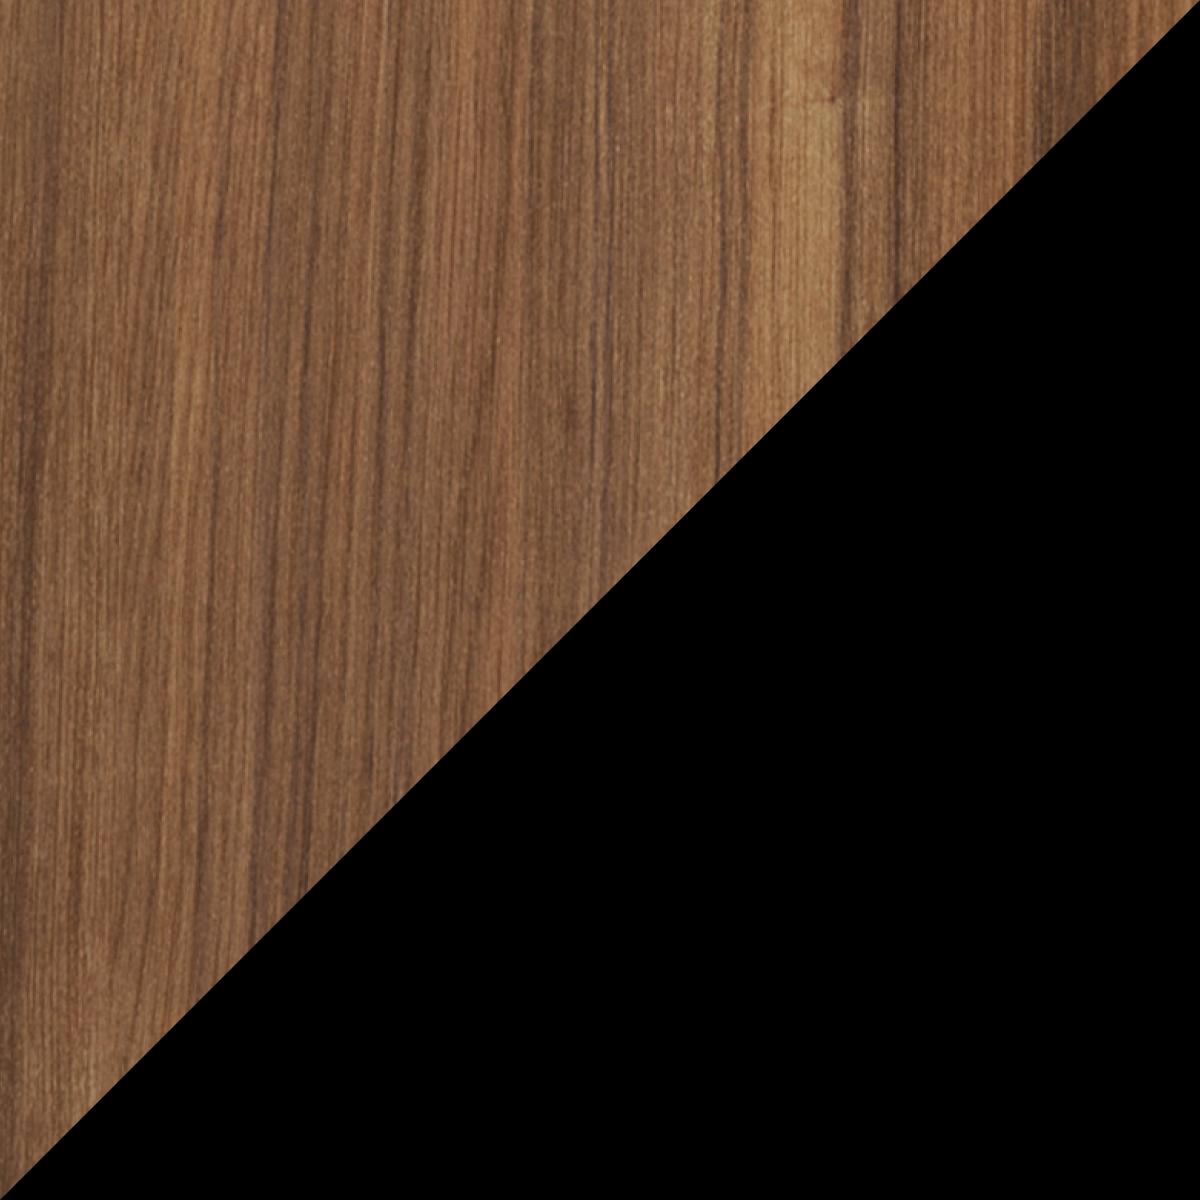 Walnut / Black